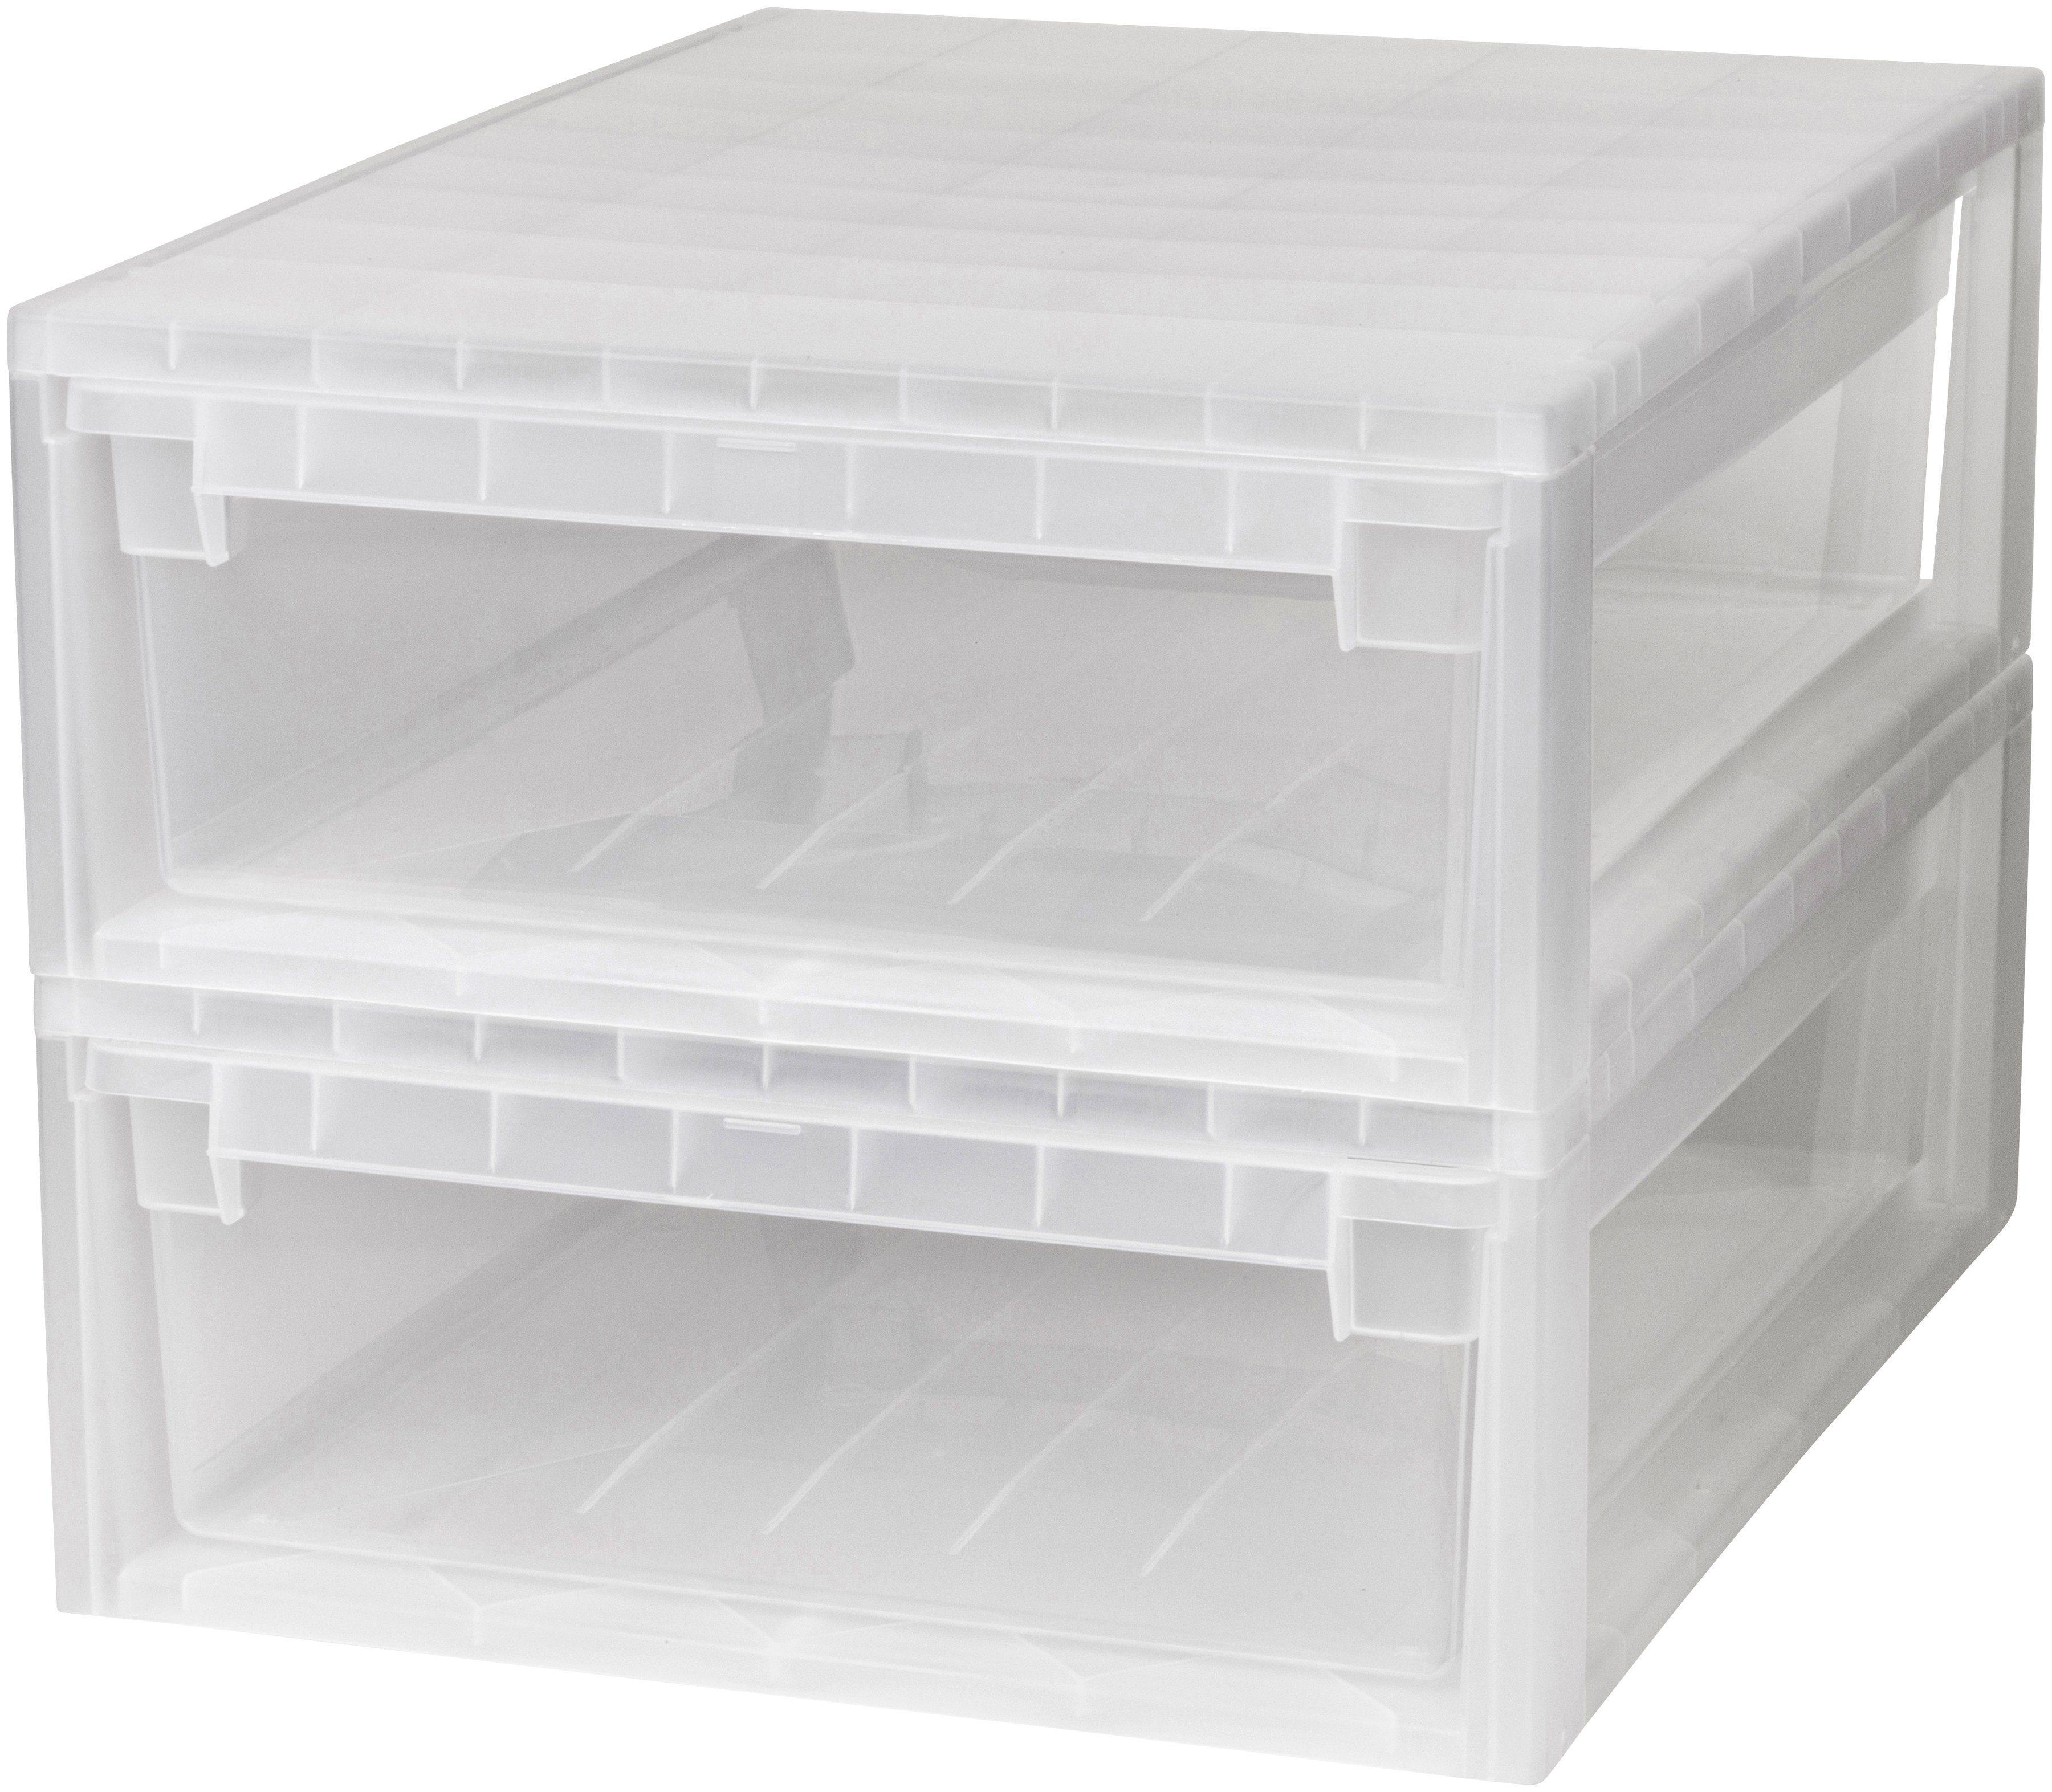 KREHER Aufbewahrungsbox »2x 22 Liter, mit Schubladen« 2er Set